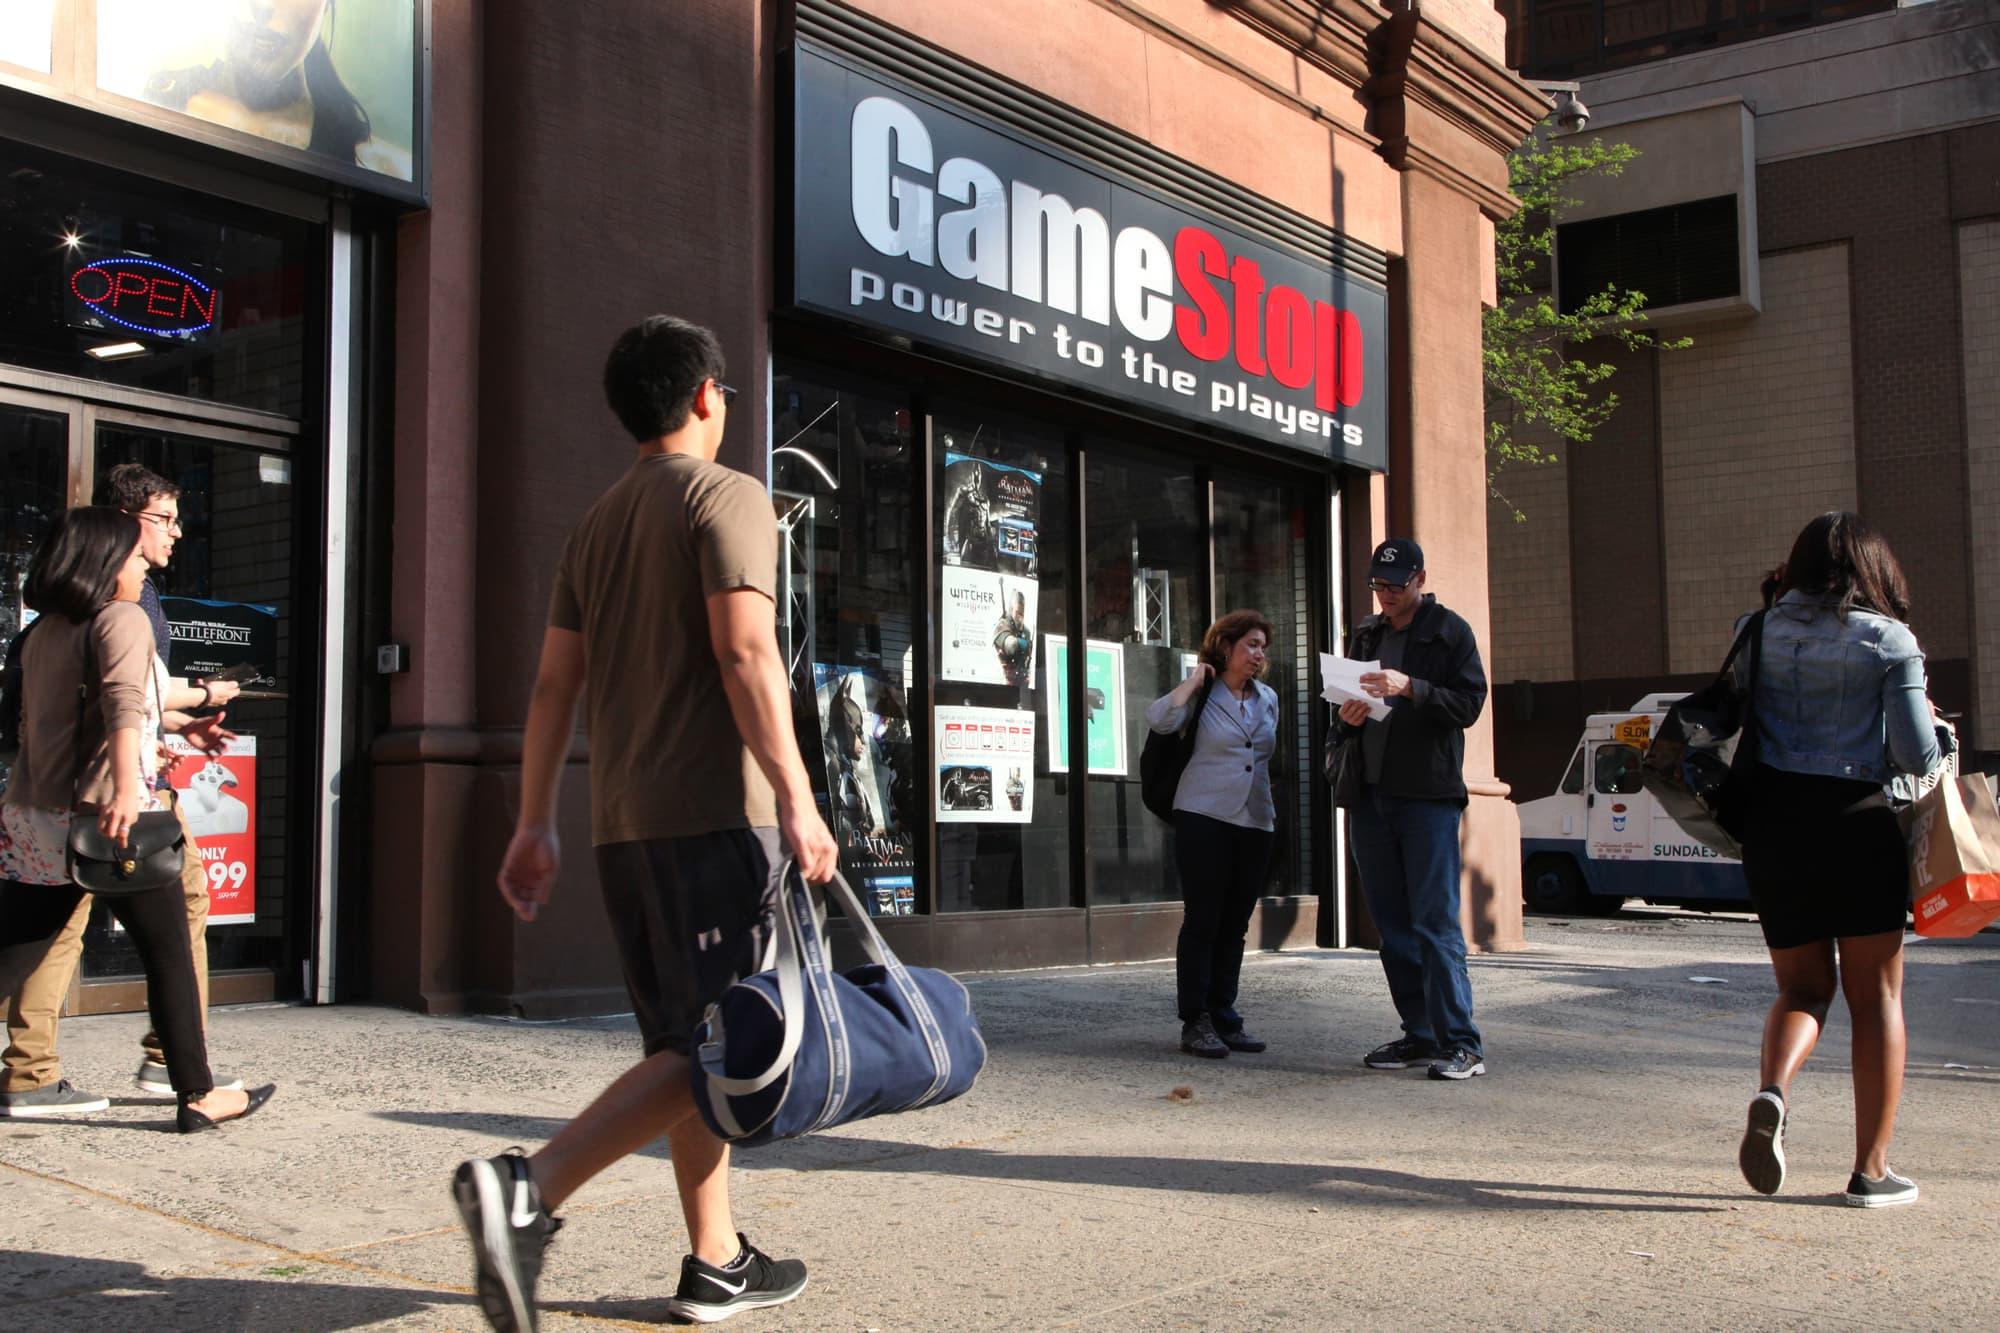 gamestop-names-former-amazon-execs-as-its-new-ceo-cfo